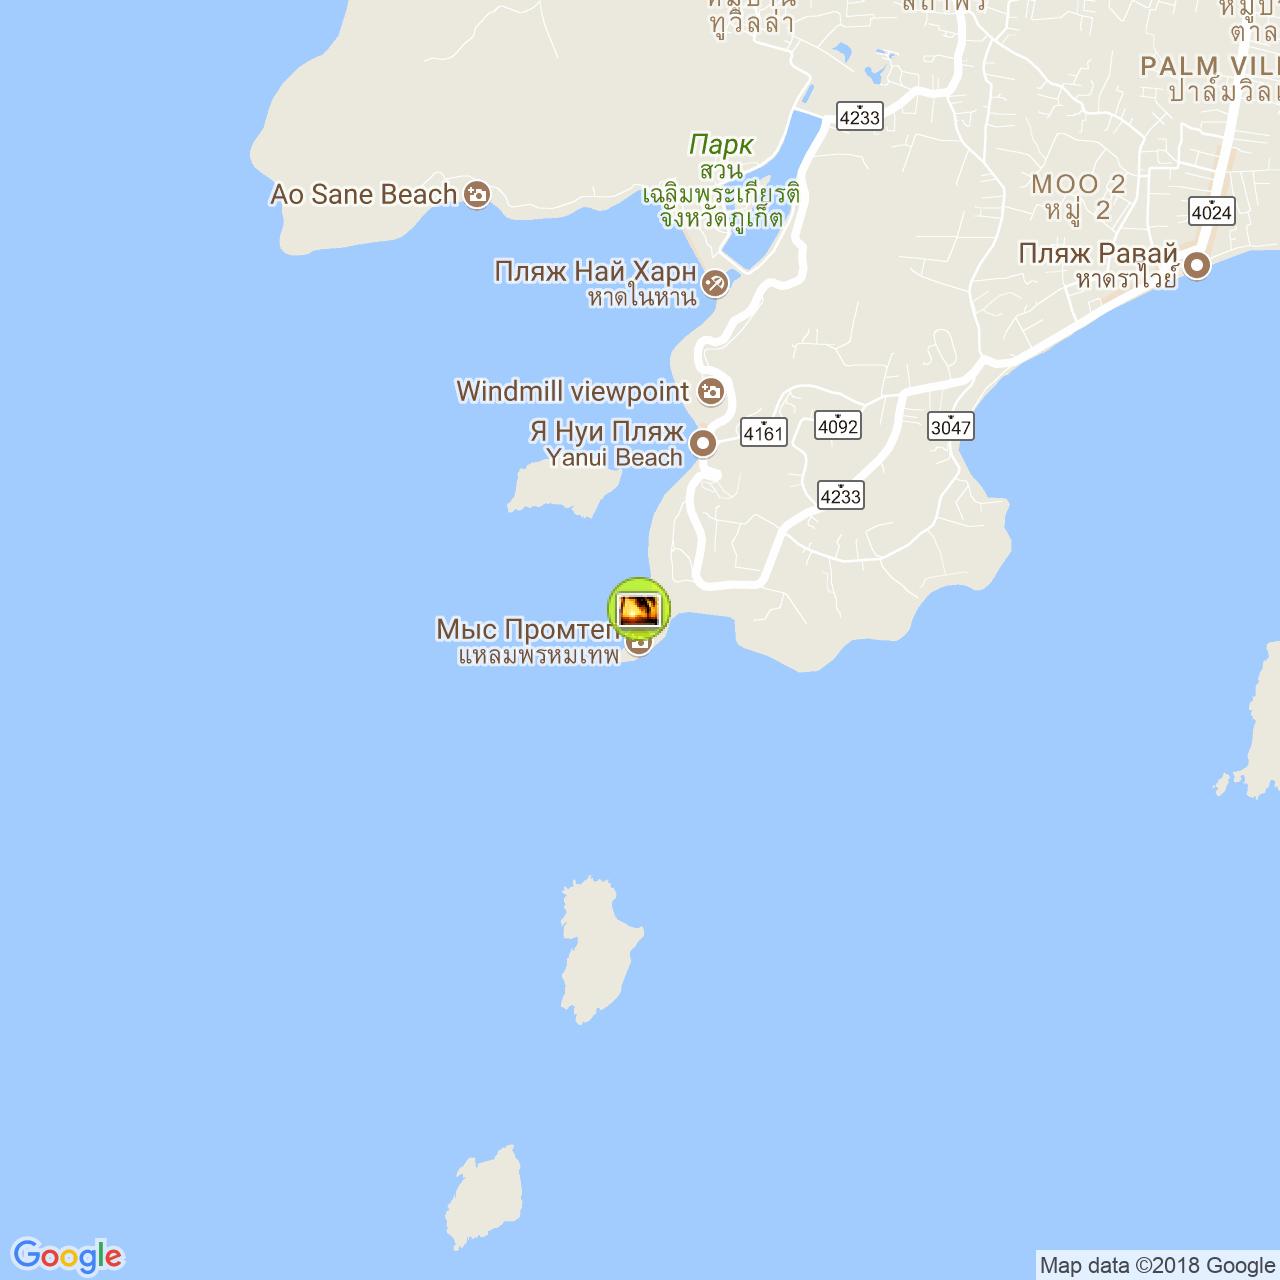 Мыс Промтхеп (Promthep cape) на карте Пхукета